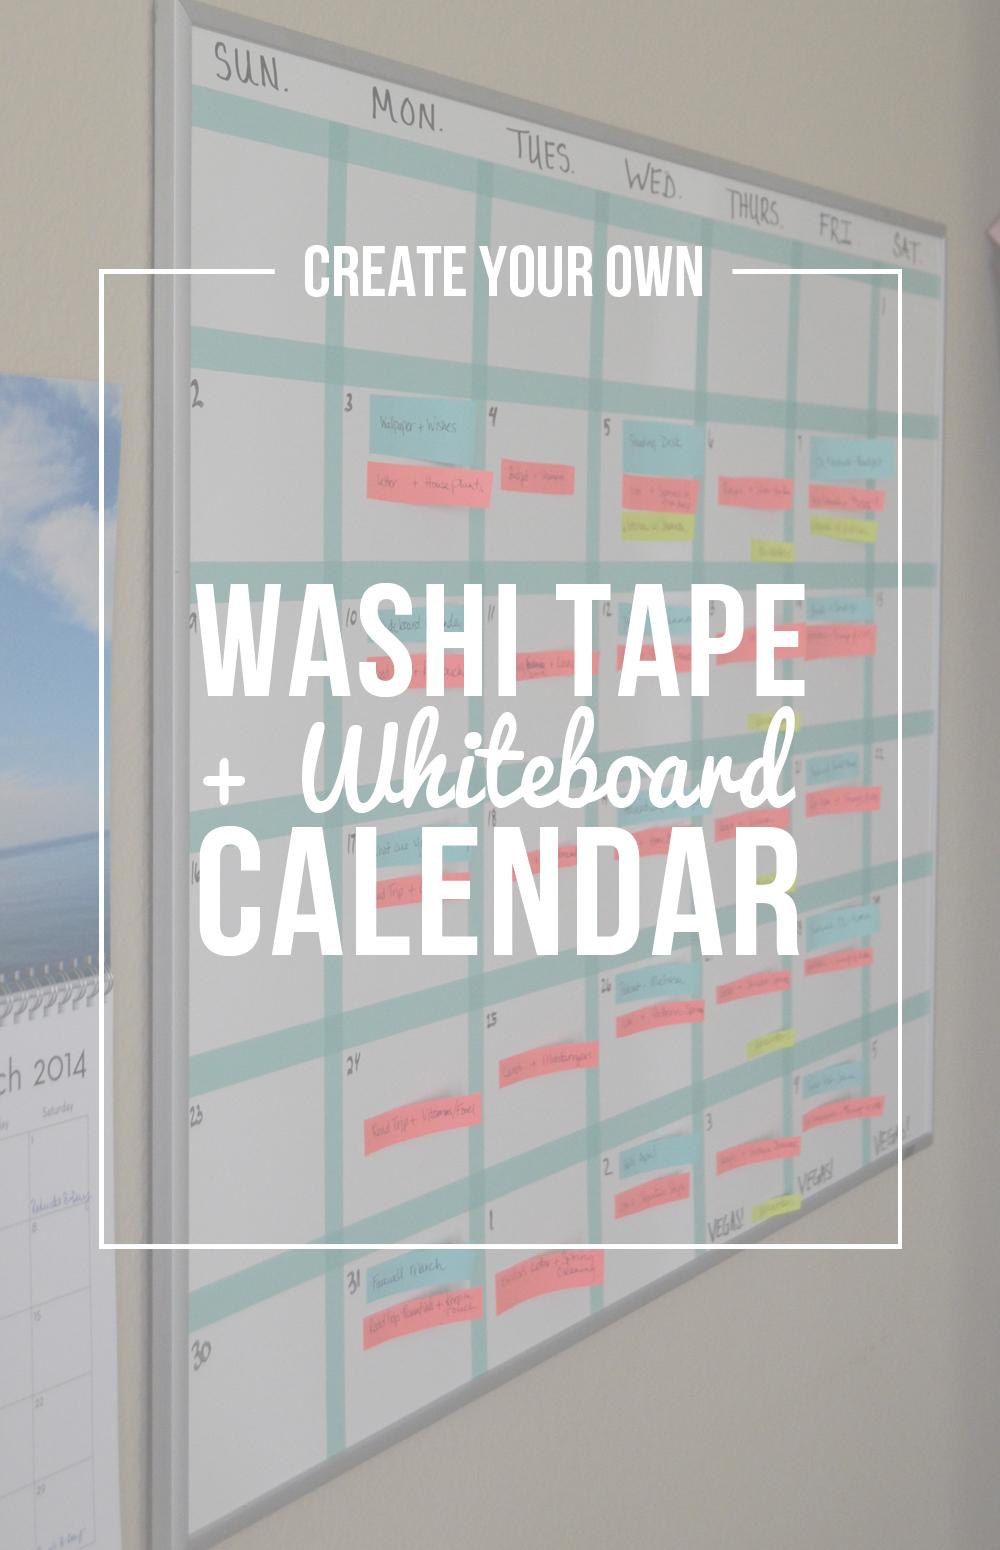 Whiteboard Calendar Ideas : Create your own washi tape whiteboard calendar